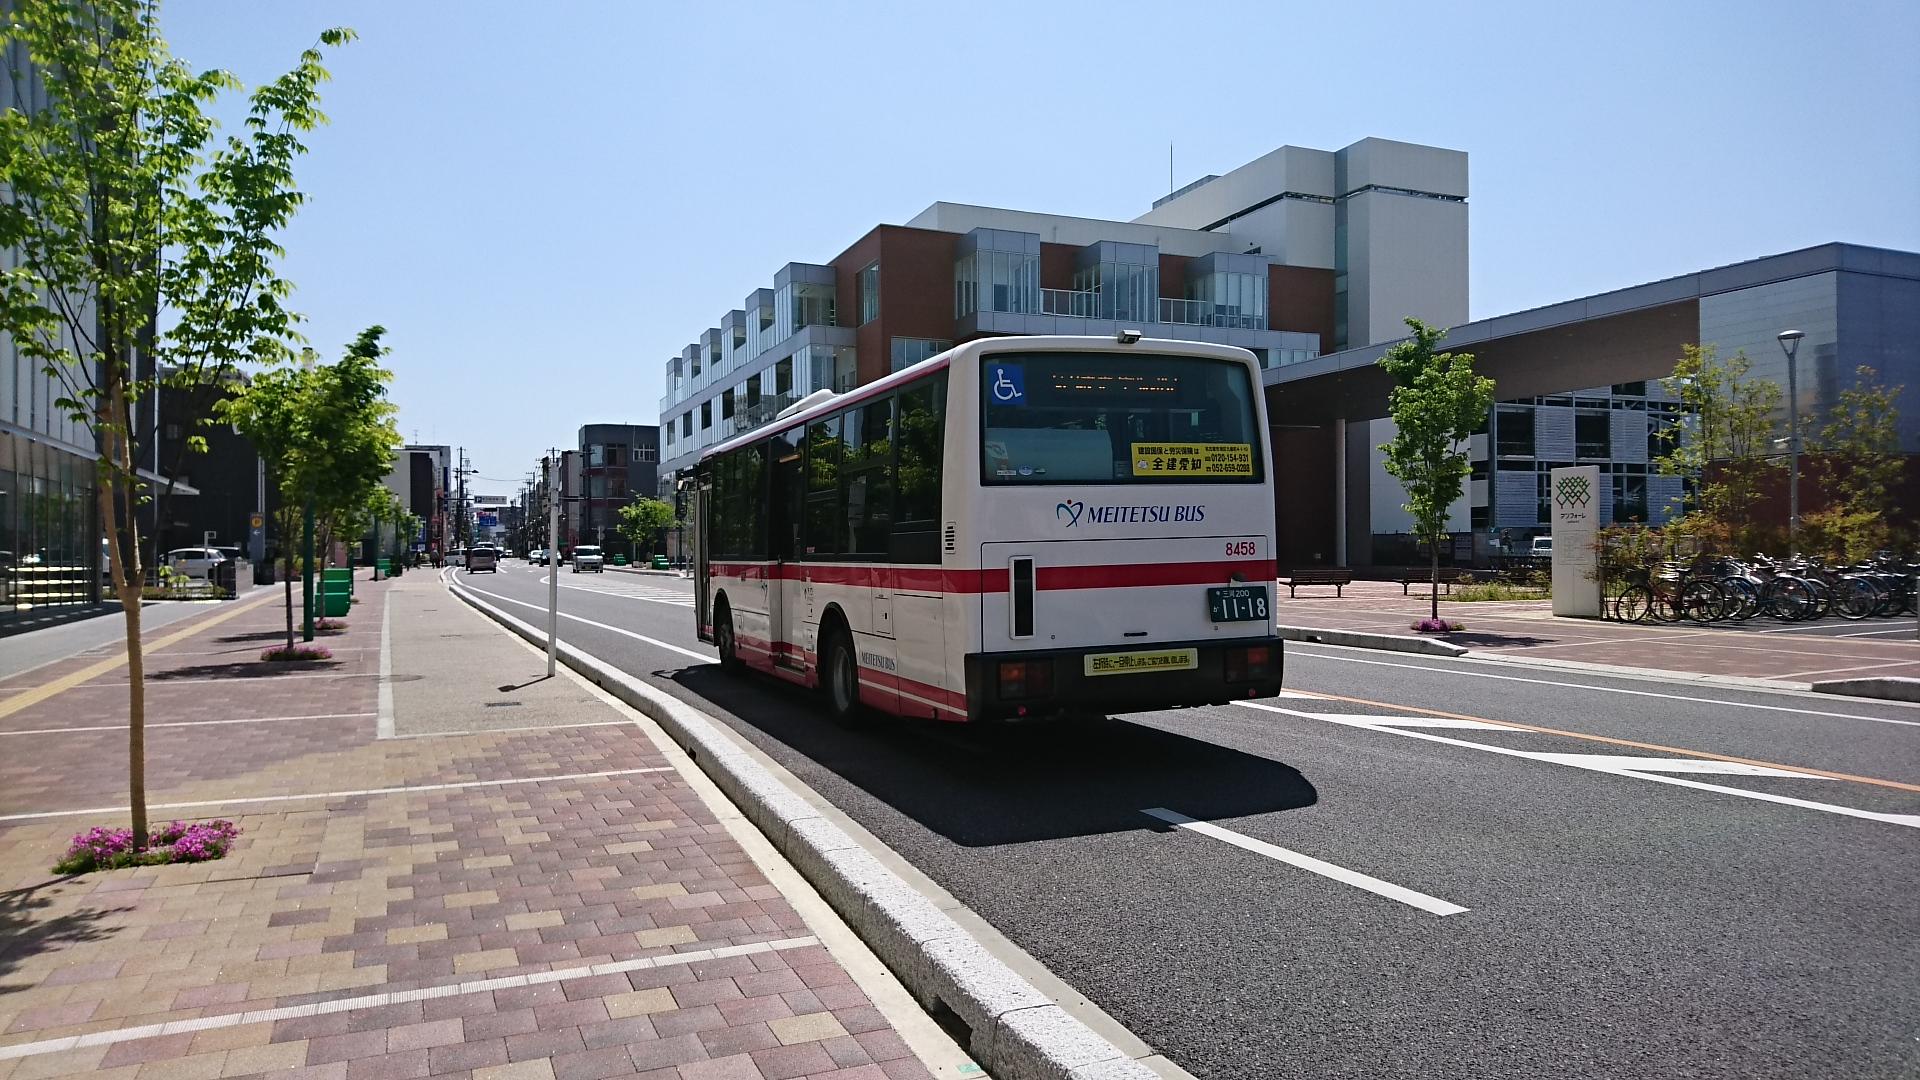 2018.4.19 (5) アンフォーレバス停 - 更生病院いきバス 1920-1080